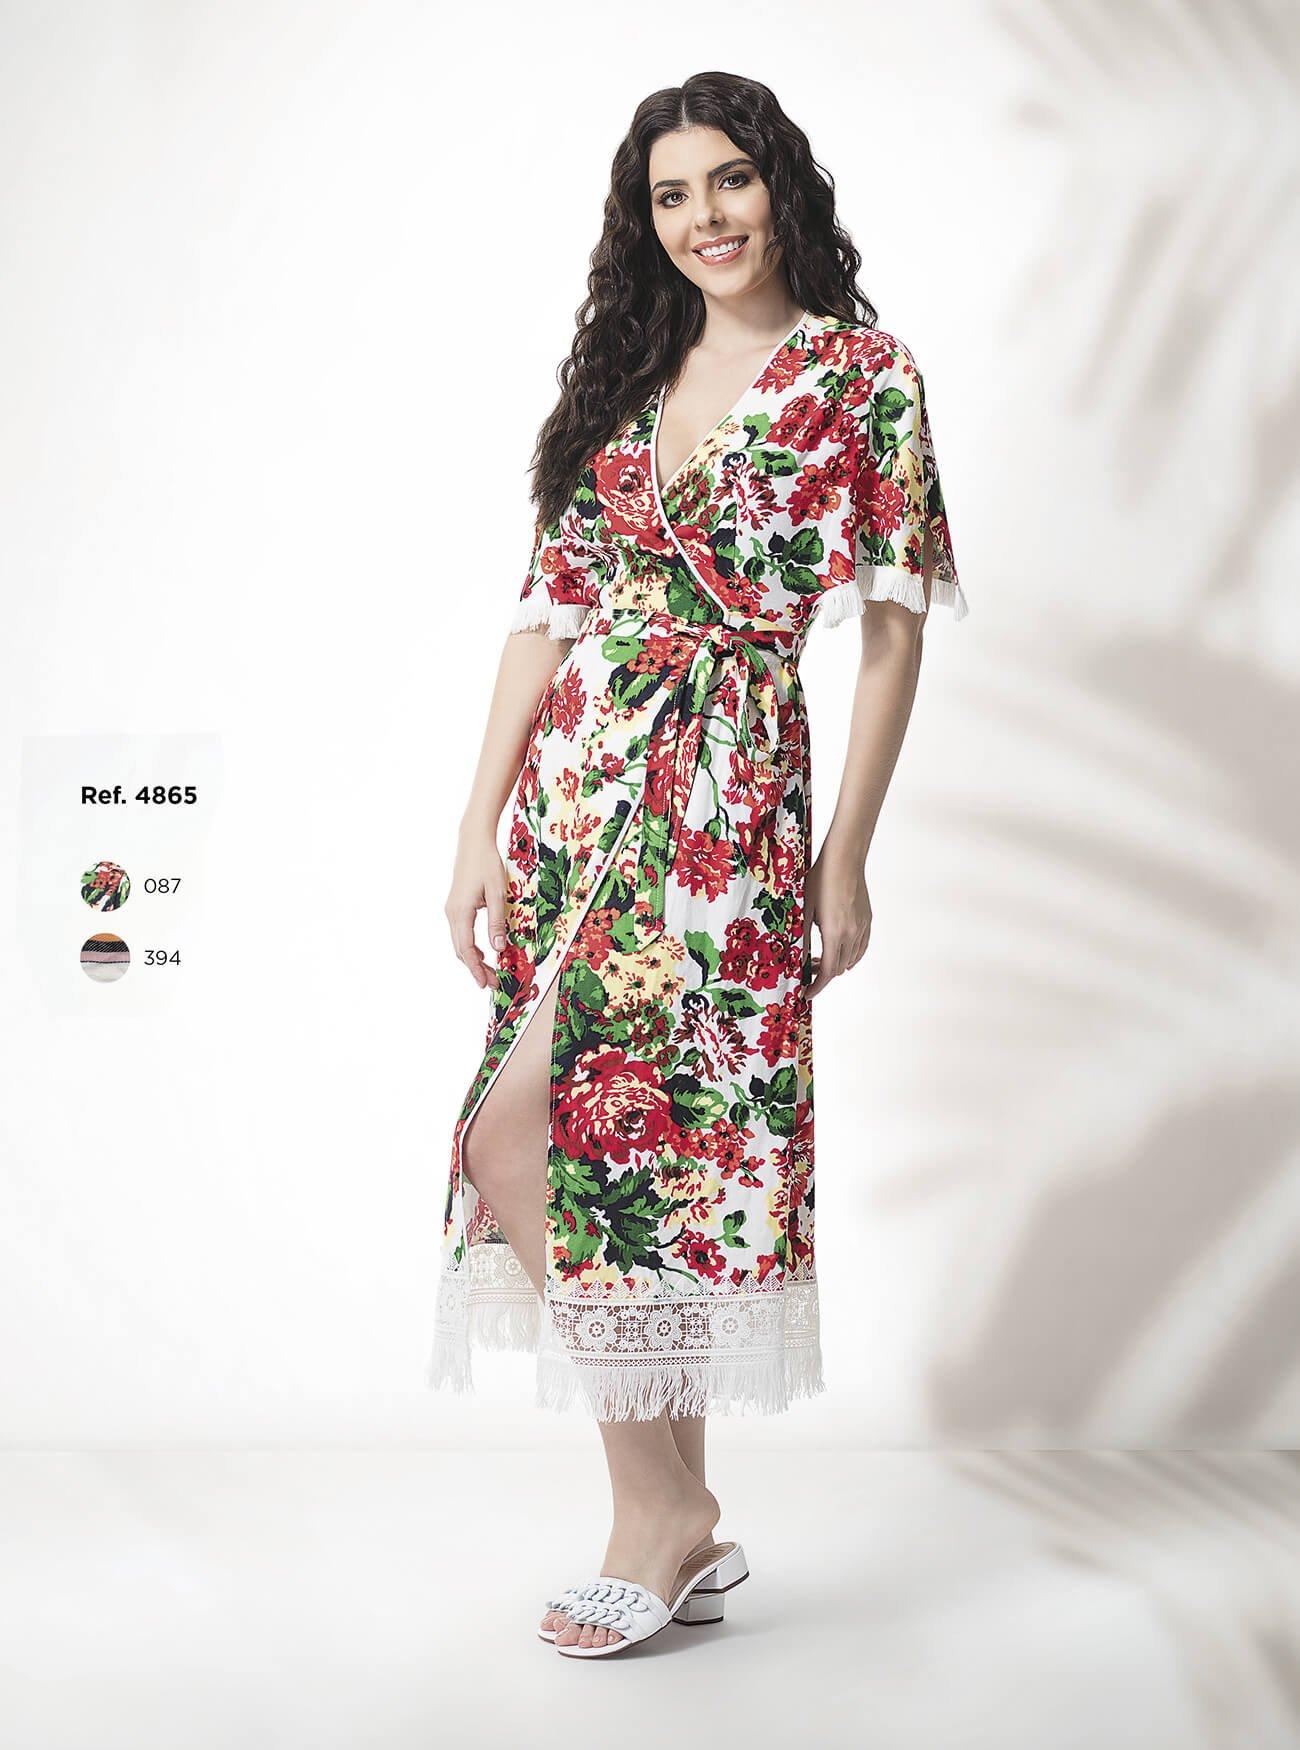 Vestido midi floral transpassado